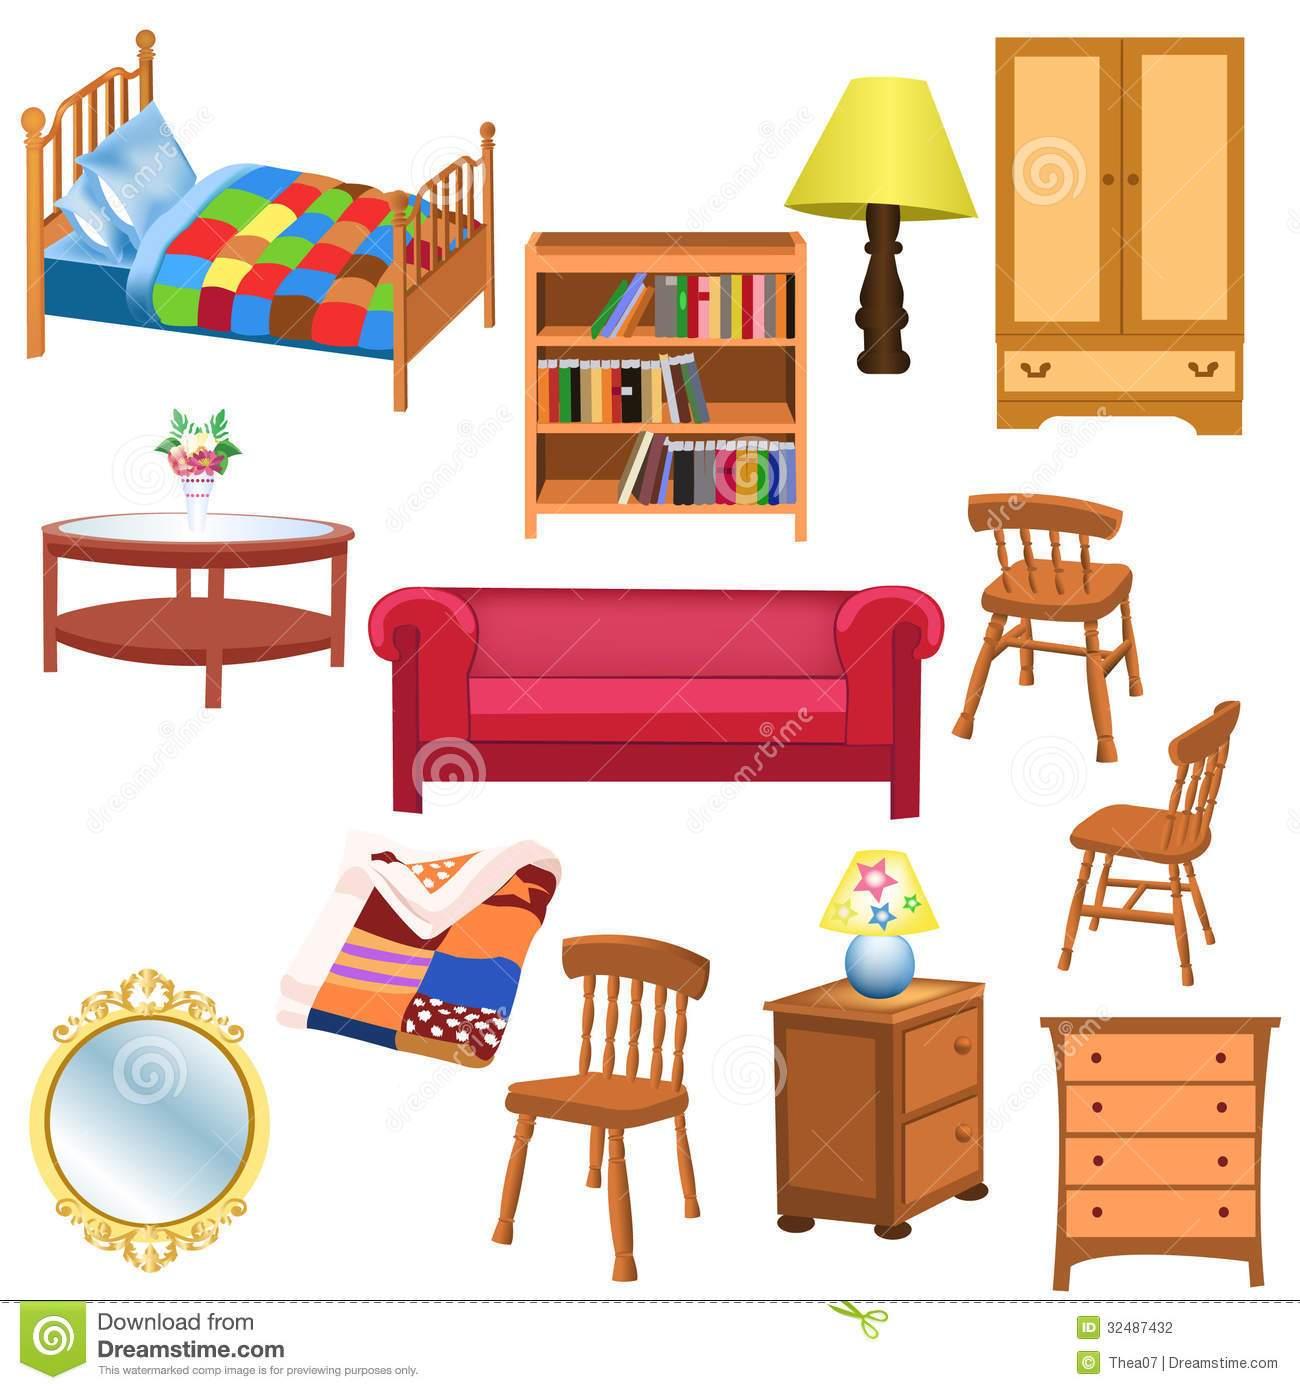 Furniture clipart furniture store. Shop portal